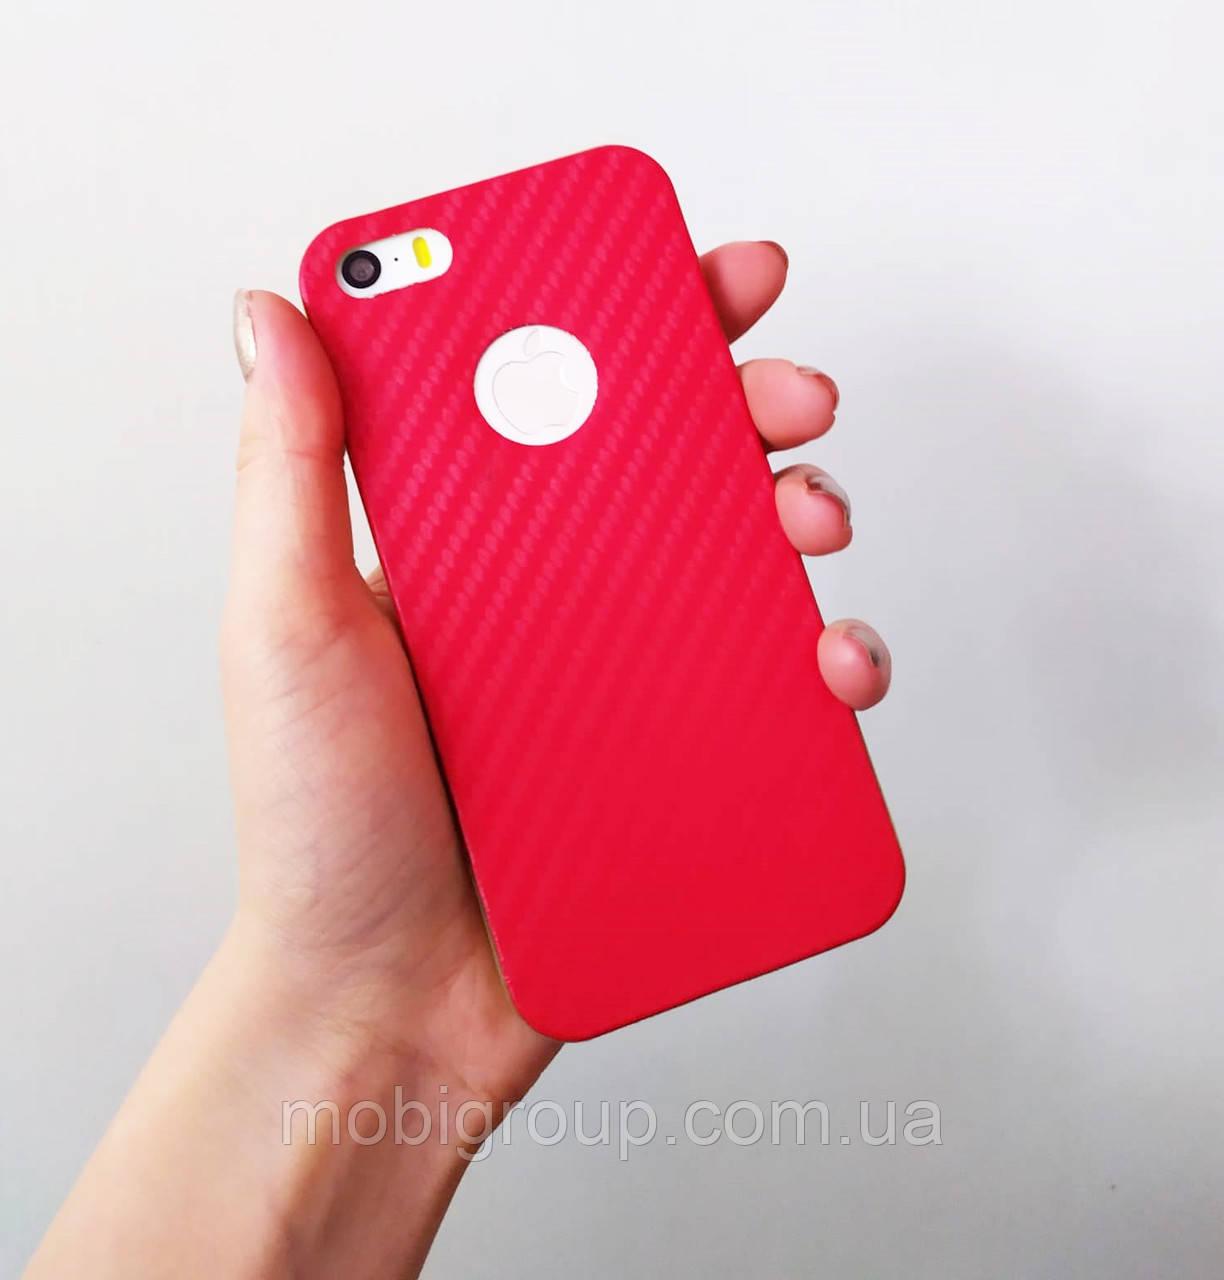 Силиконовый чехол Карбон для iPhone SE/5S/5, красный